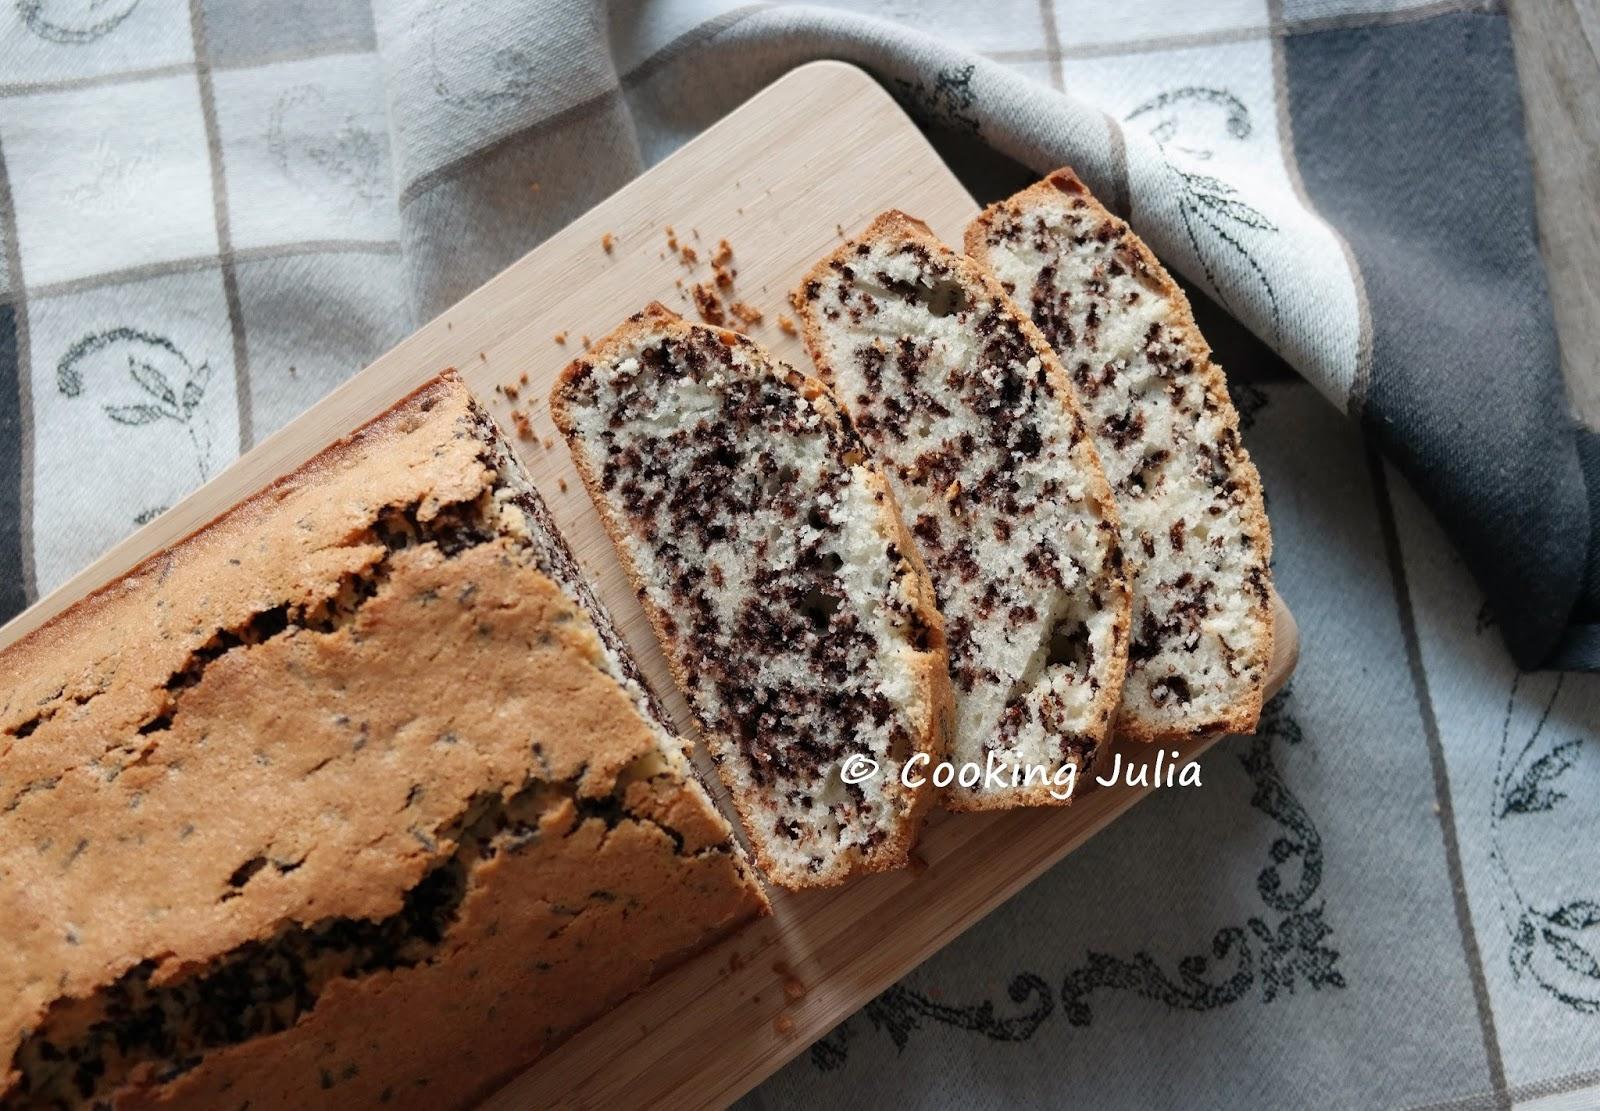 Cooking julia cake financier aux fourmis - Que faire contre les fourmis ...